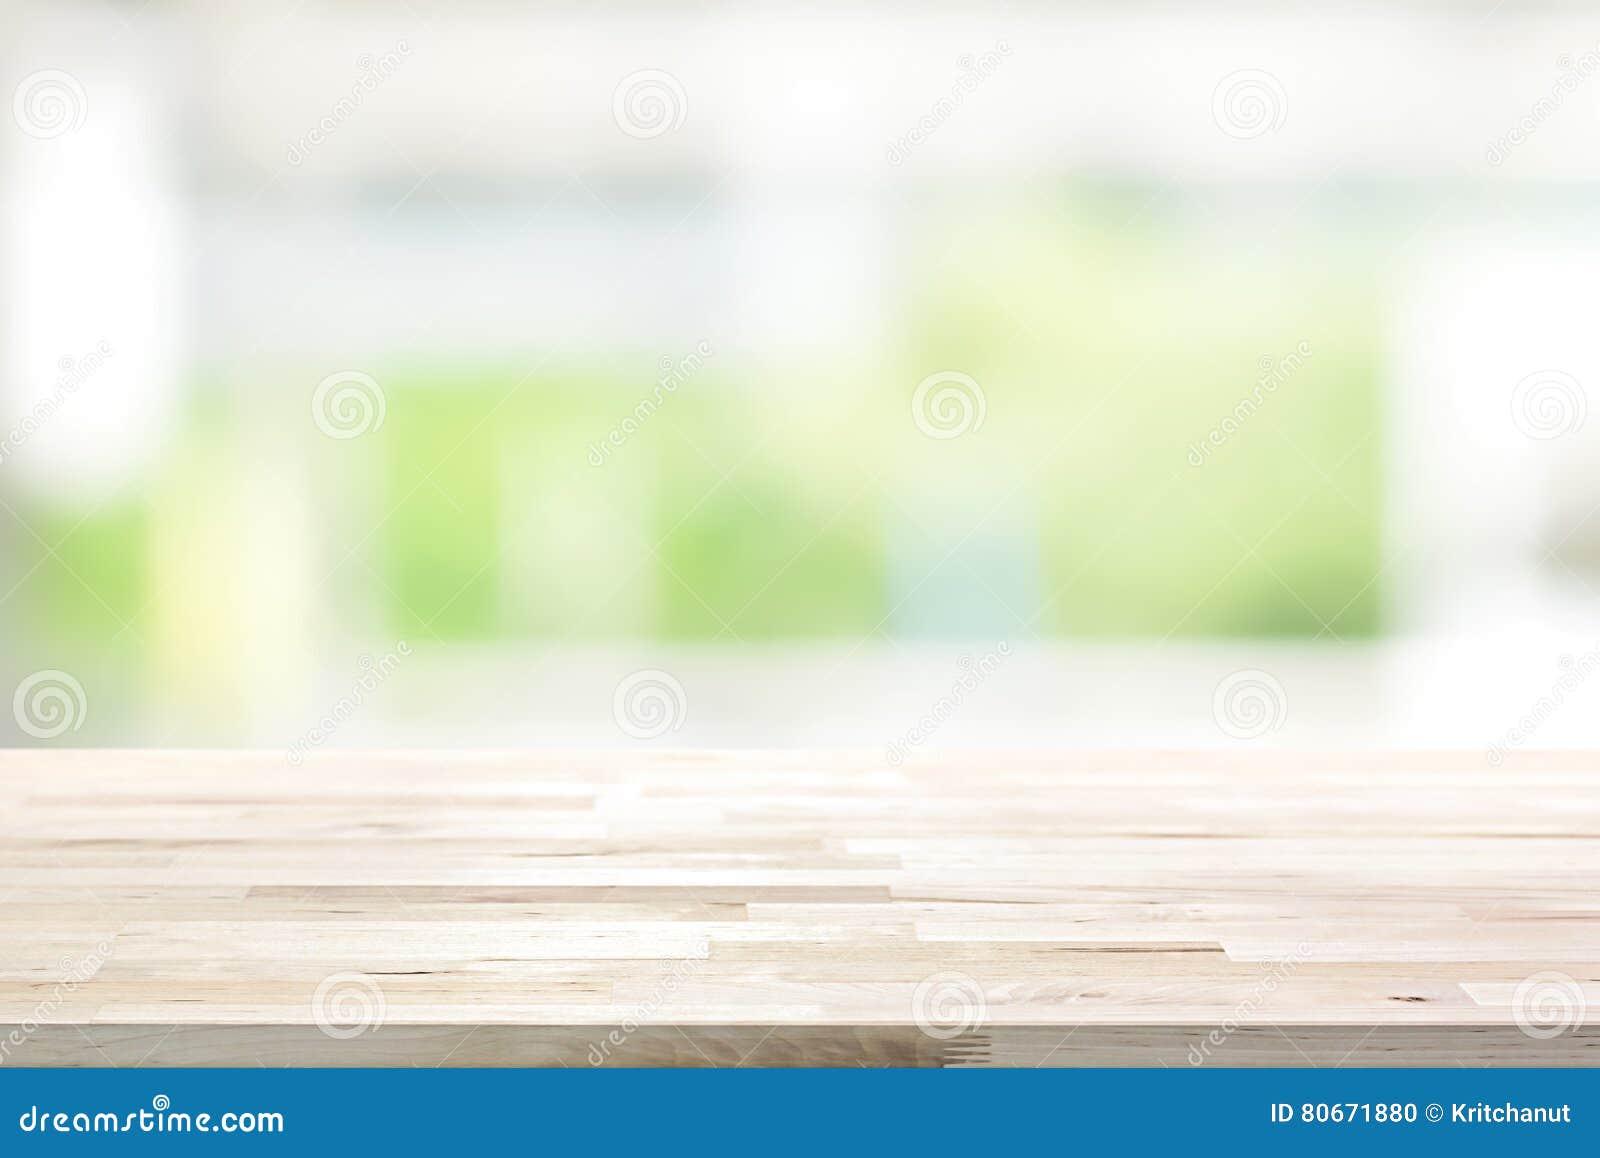 Ξύλινη επιτραπέζια κορυφή στο άσπρο πράσινο υπόβαθρο παραθύρων κουζινών θαμπάδων